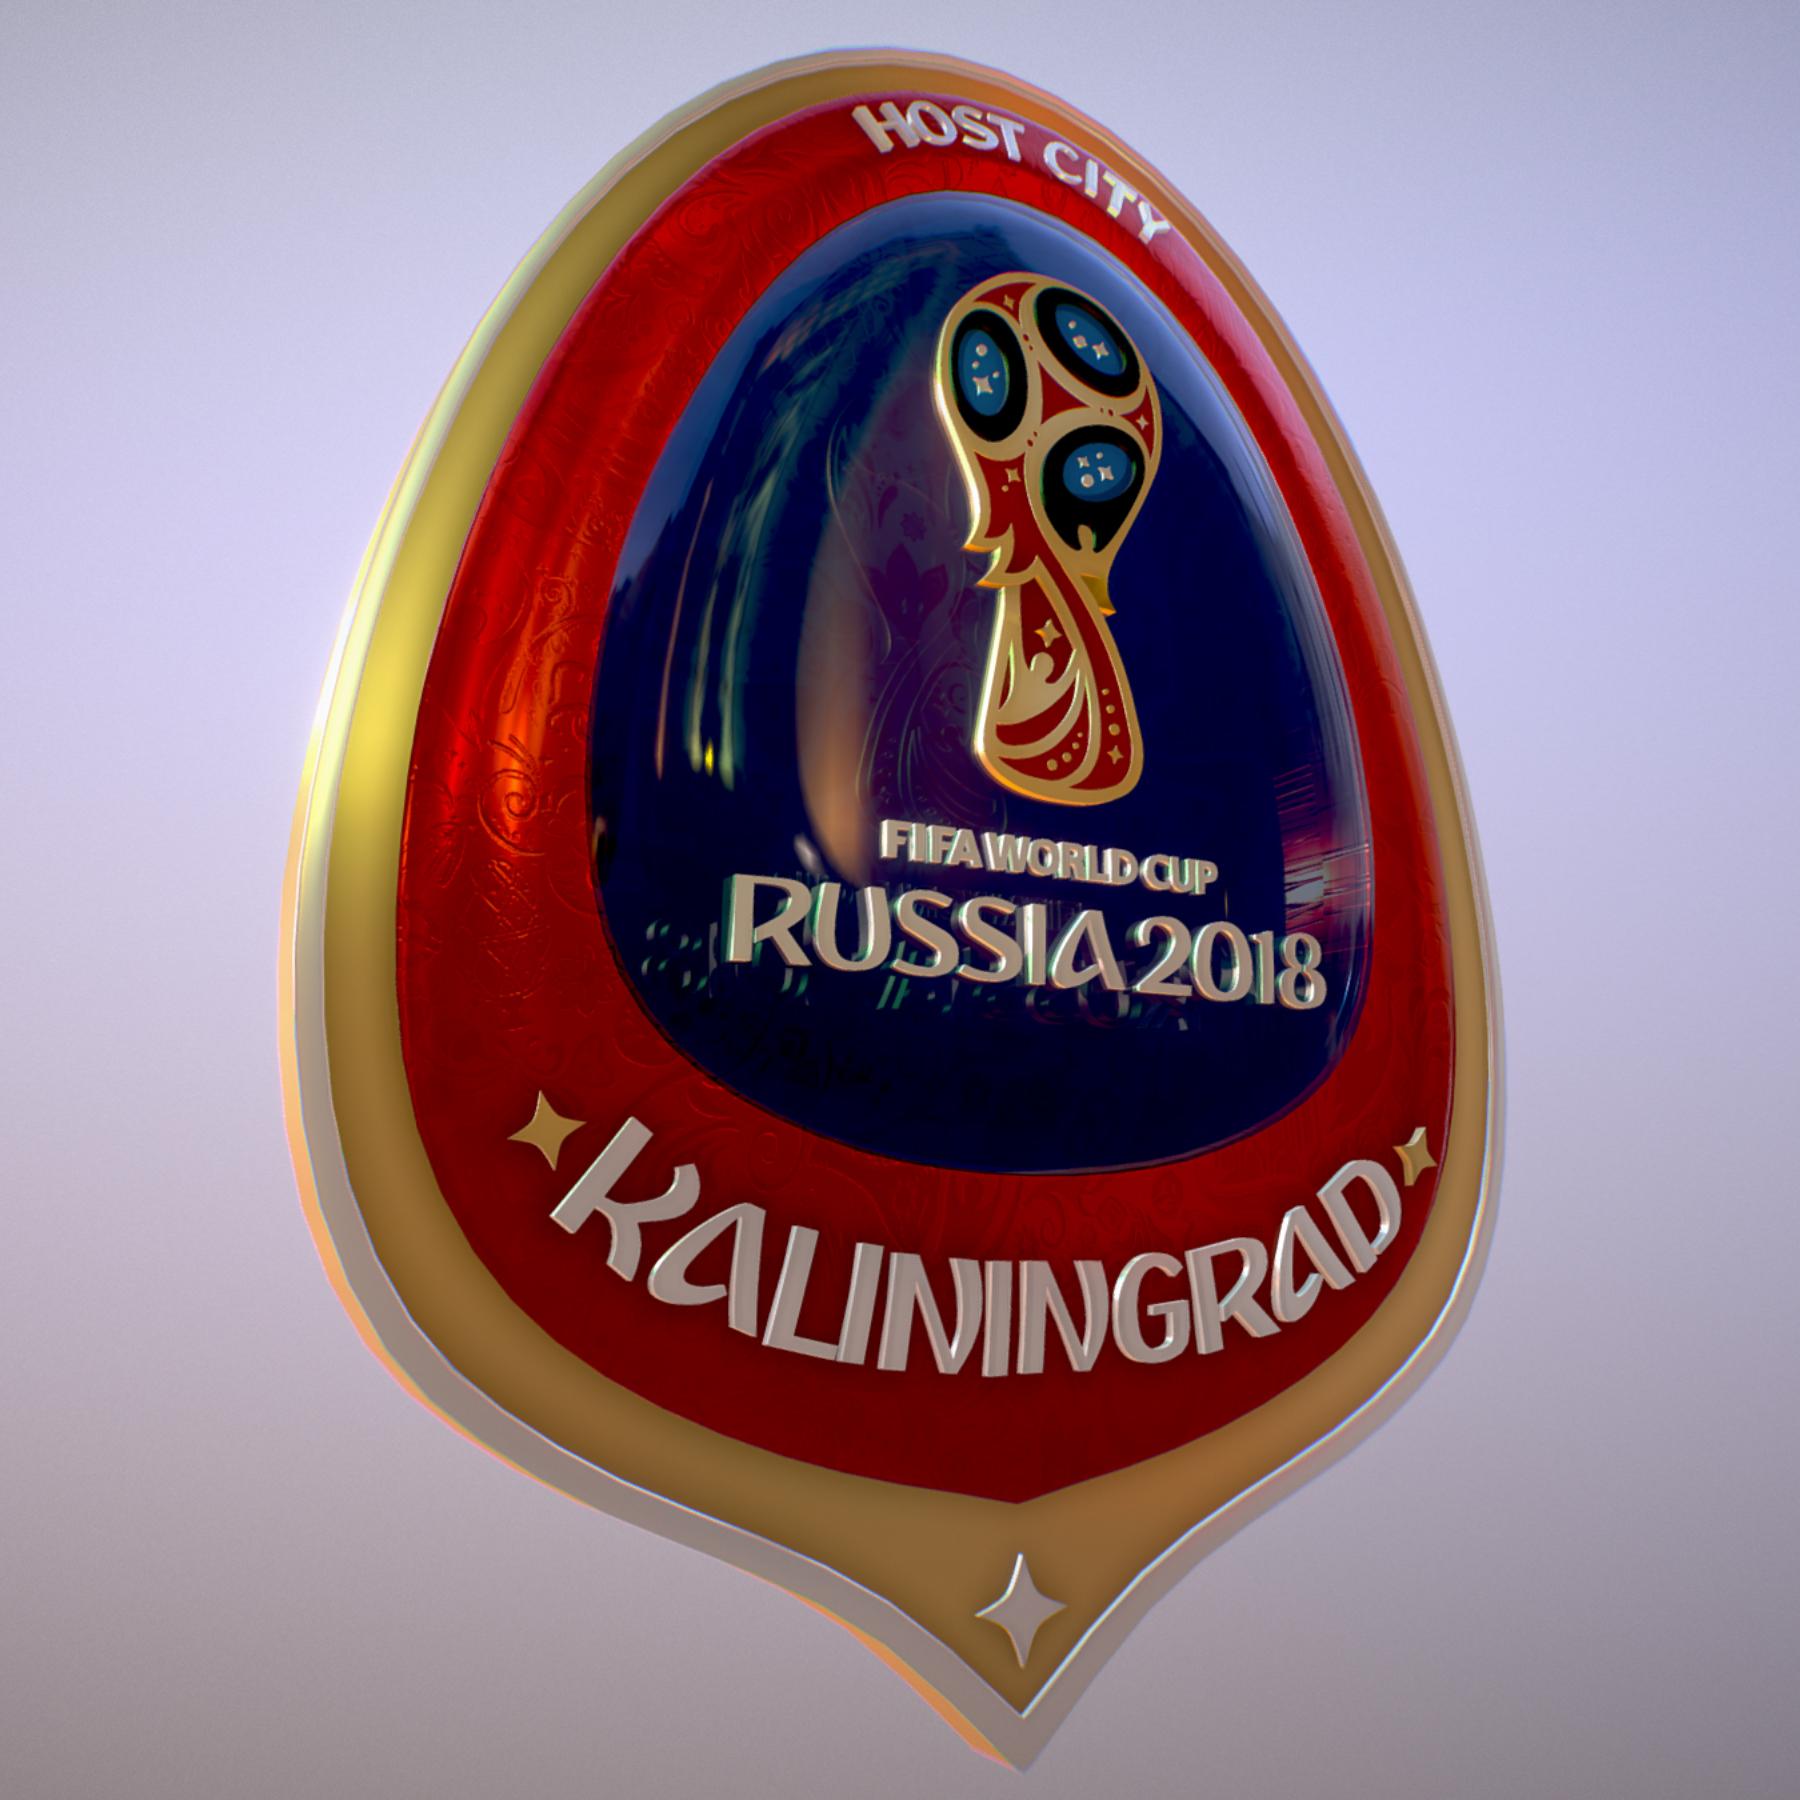 Kaliningrad City World Cup Russia 2018 Symbol 3d model max 3ds max plugin fbx jpeg ma mb obj 271753